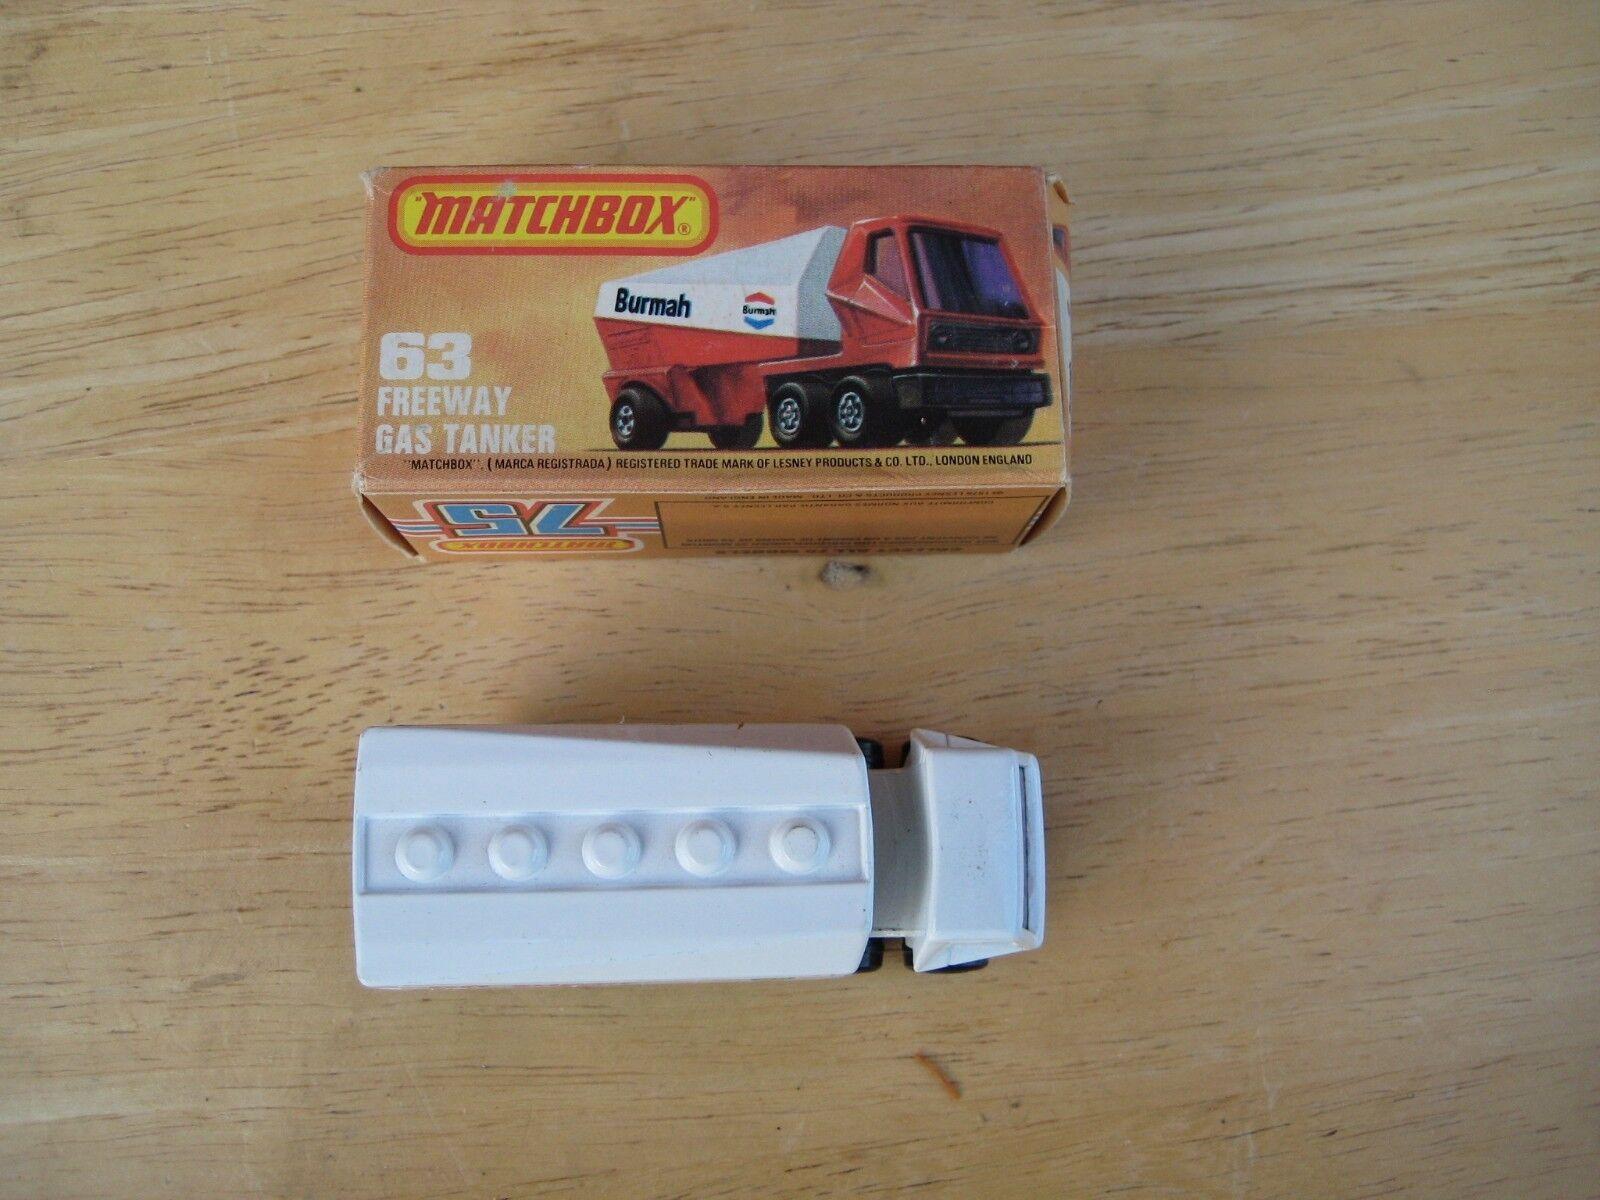 Matchbox Matchbox Matchbox superfast nr. 63, autobahn gas - tanker bp 94b544